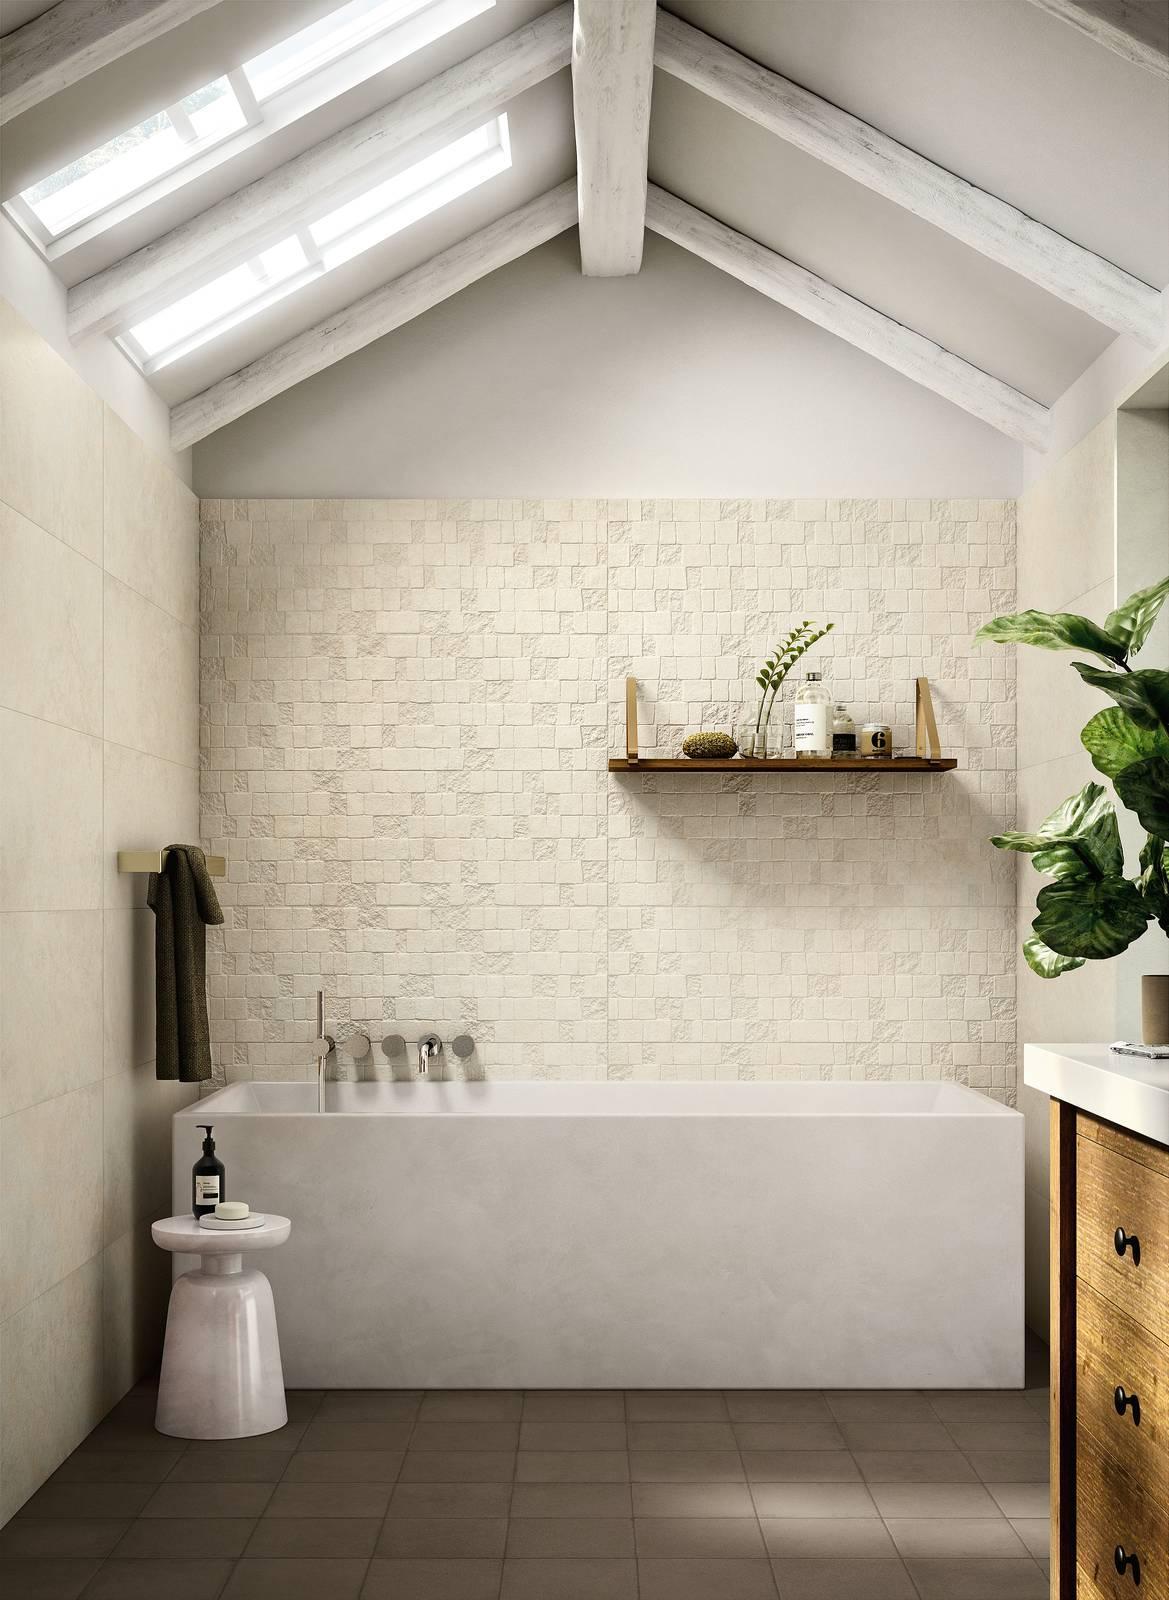 Rivestimenti Bagni Piccoli Esempi bagno di tendenza: ambienti da copiare - cose di casa